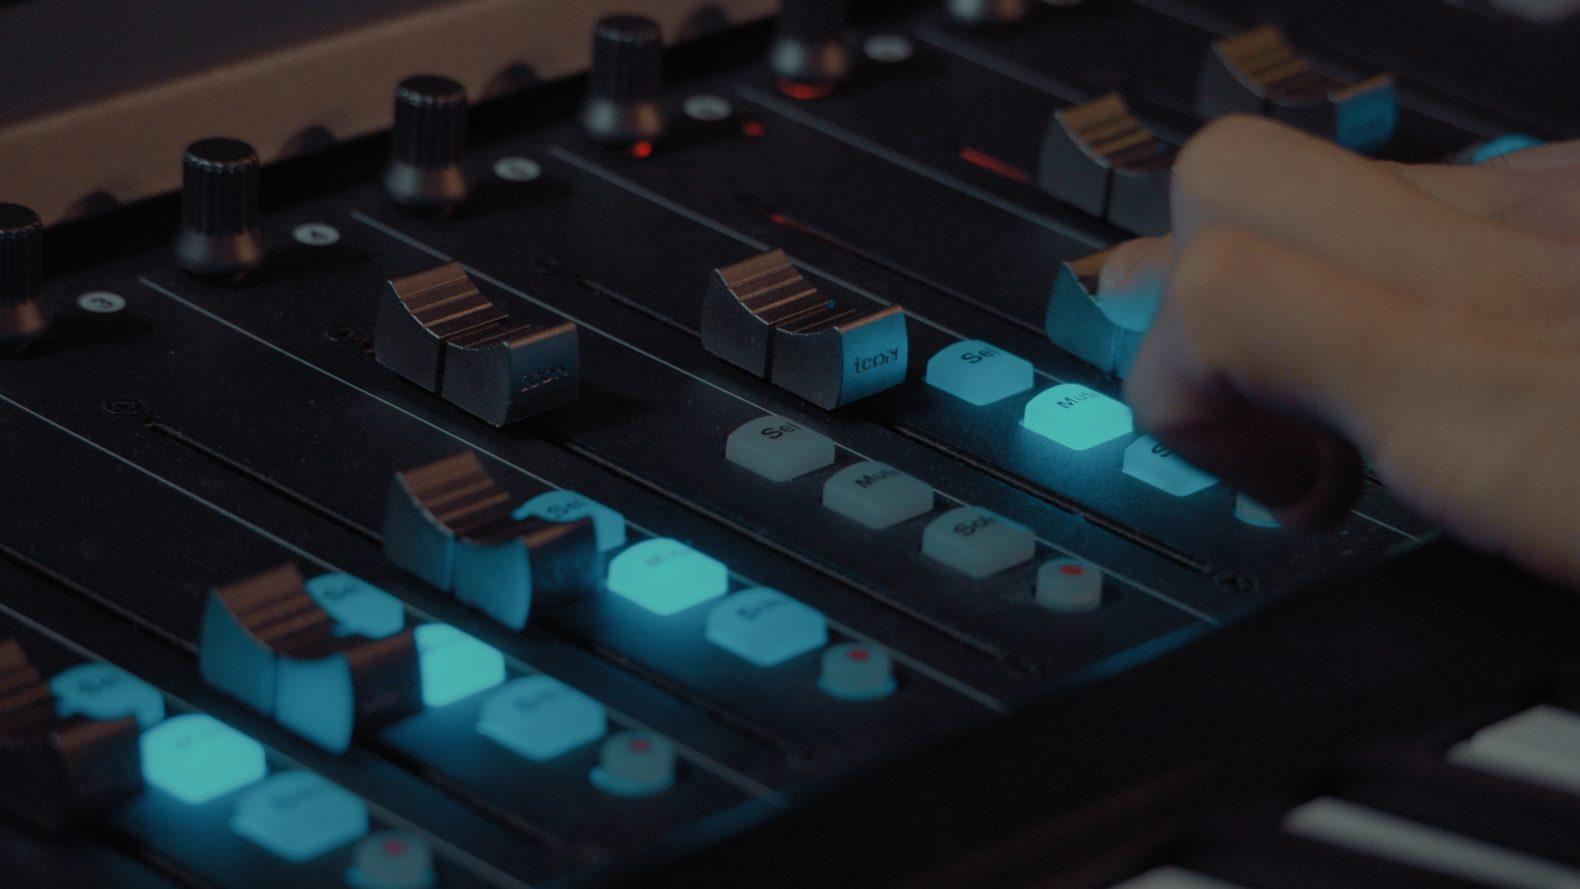 音楽制作とグレーディングならお任せ。